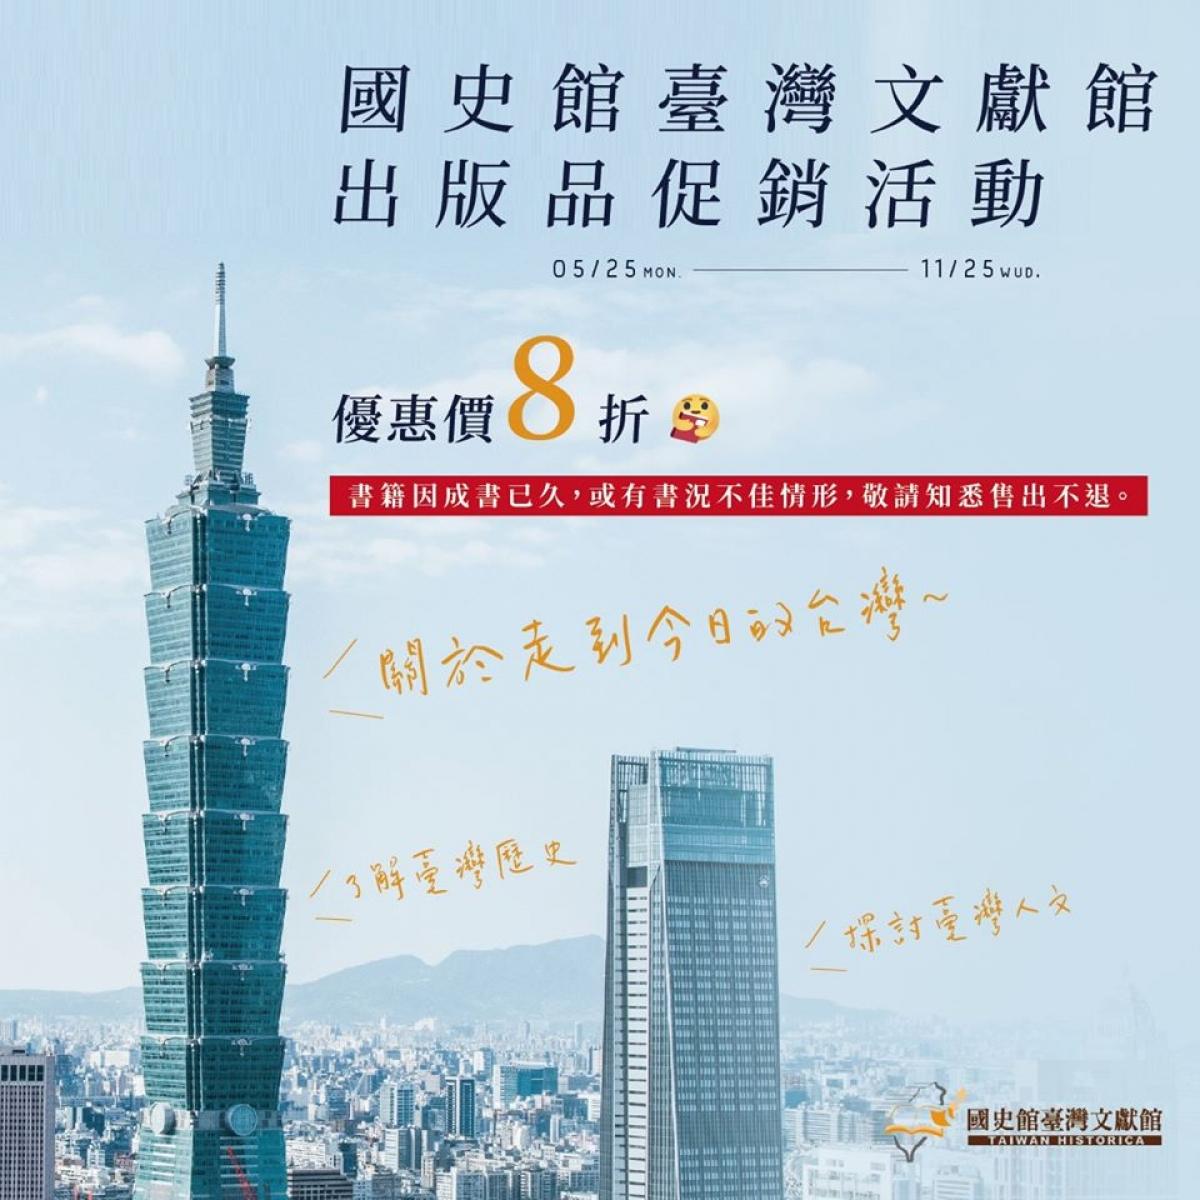 國館台灣文史獻館